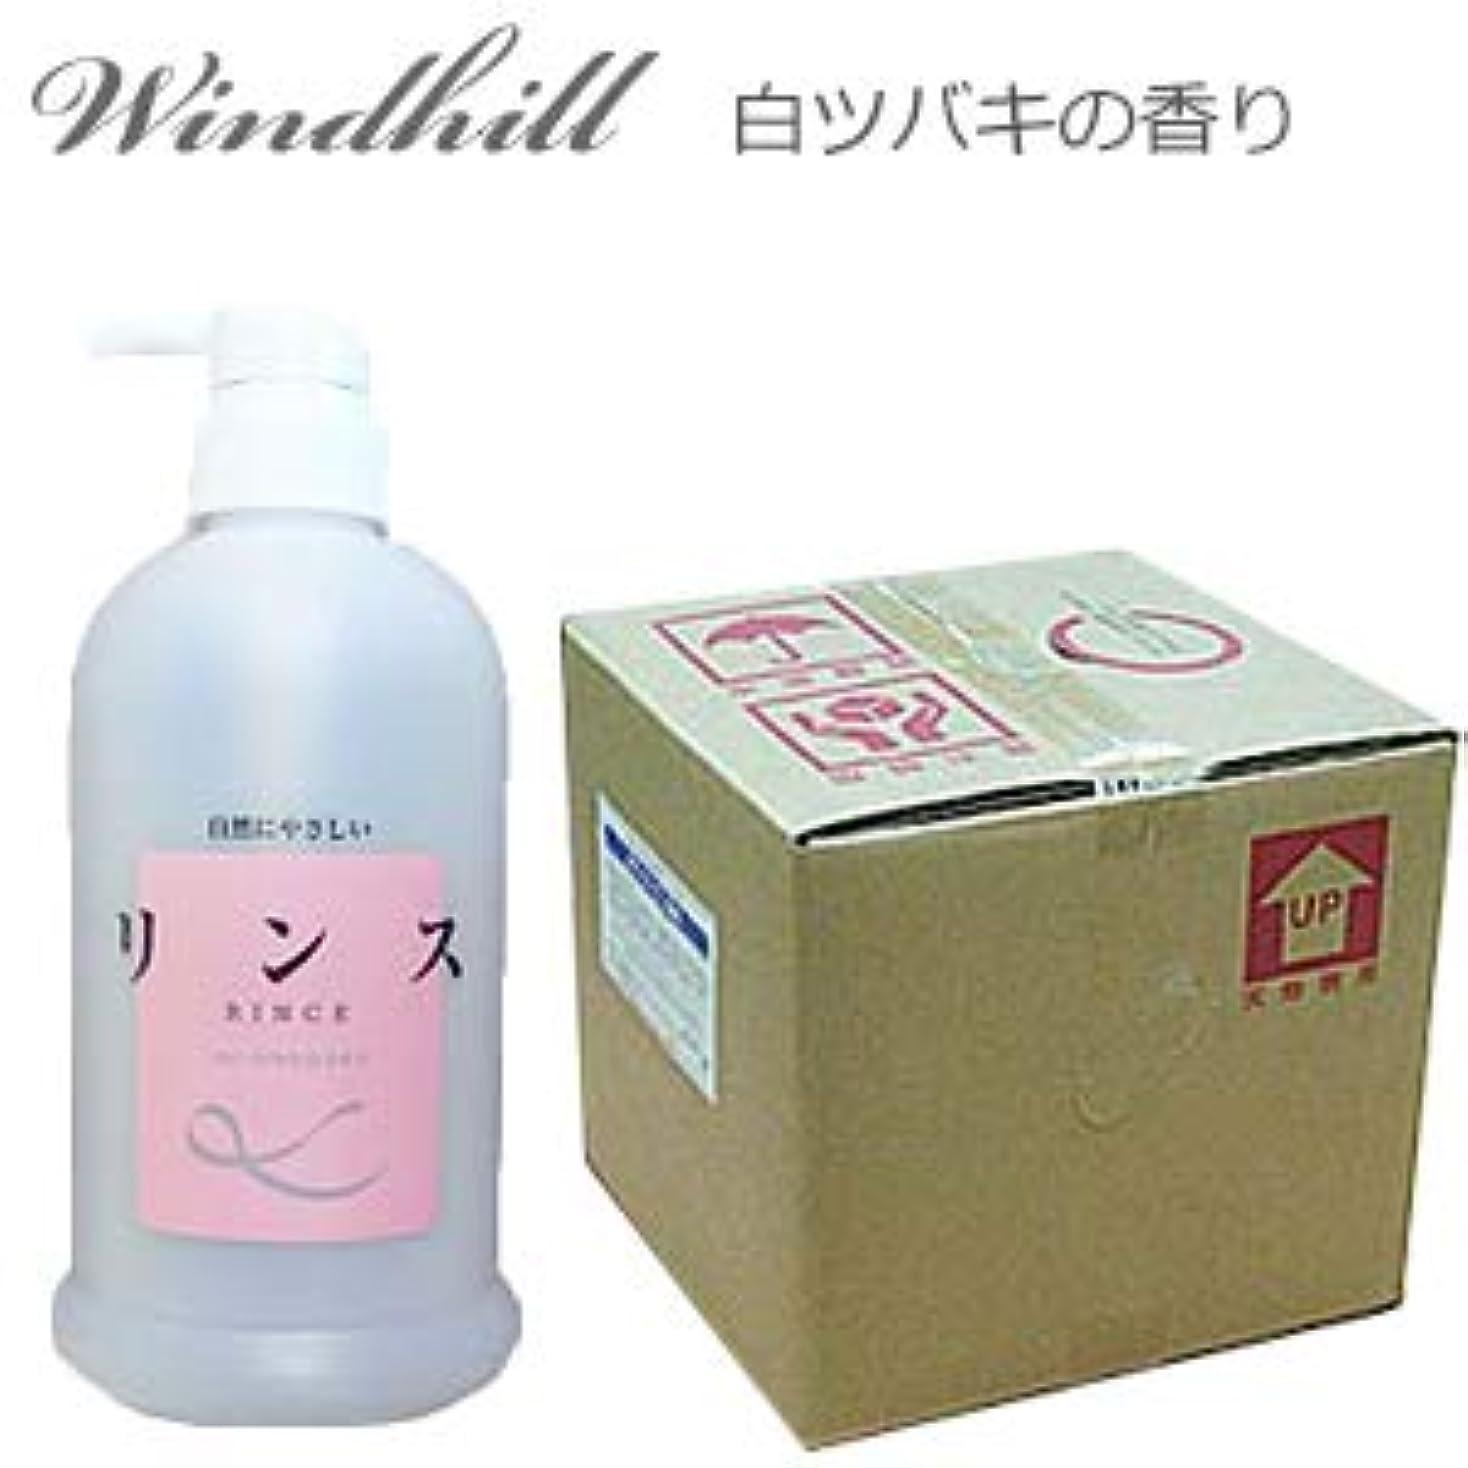 パートナー起訴するチケットなんと! 500ml当り175円 Windhill 植物性 業務用 リンス 白ツバキの香り 20L